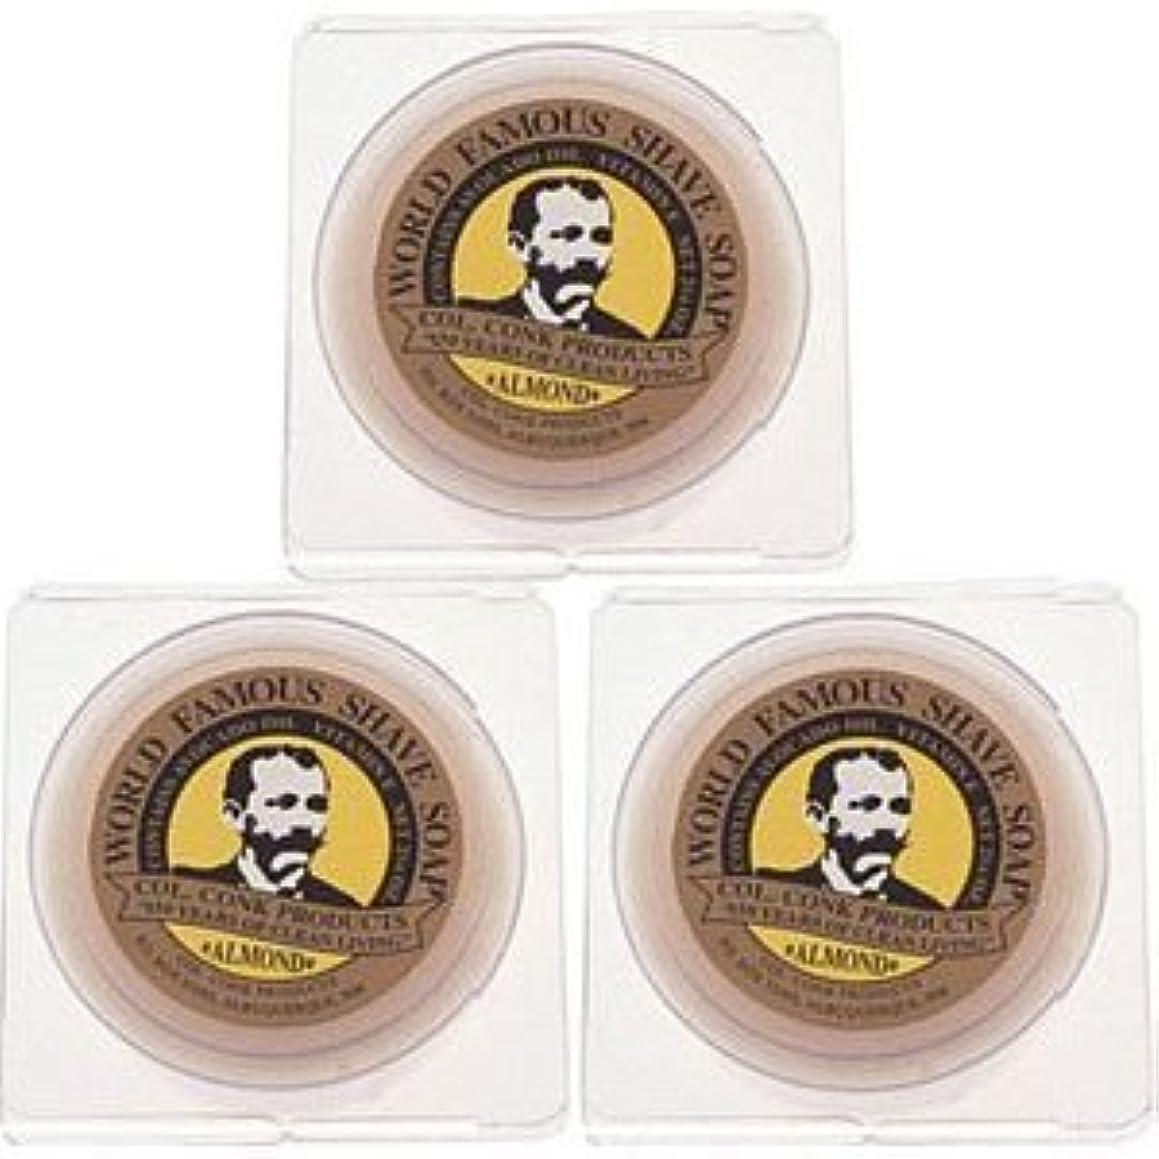 悪名高い引き付ける自発的Col. Conk World's Famous Shaving Soap Almond * 3 - Pack * Each Net Weight 2.25 Oz by Colonel Conk [並行輸入品]